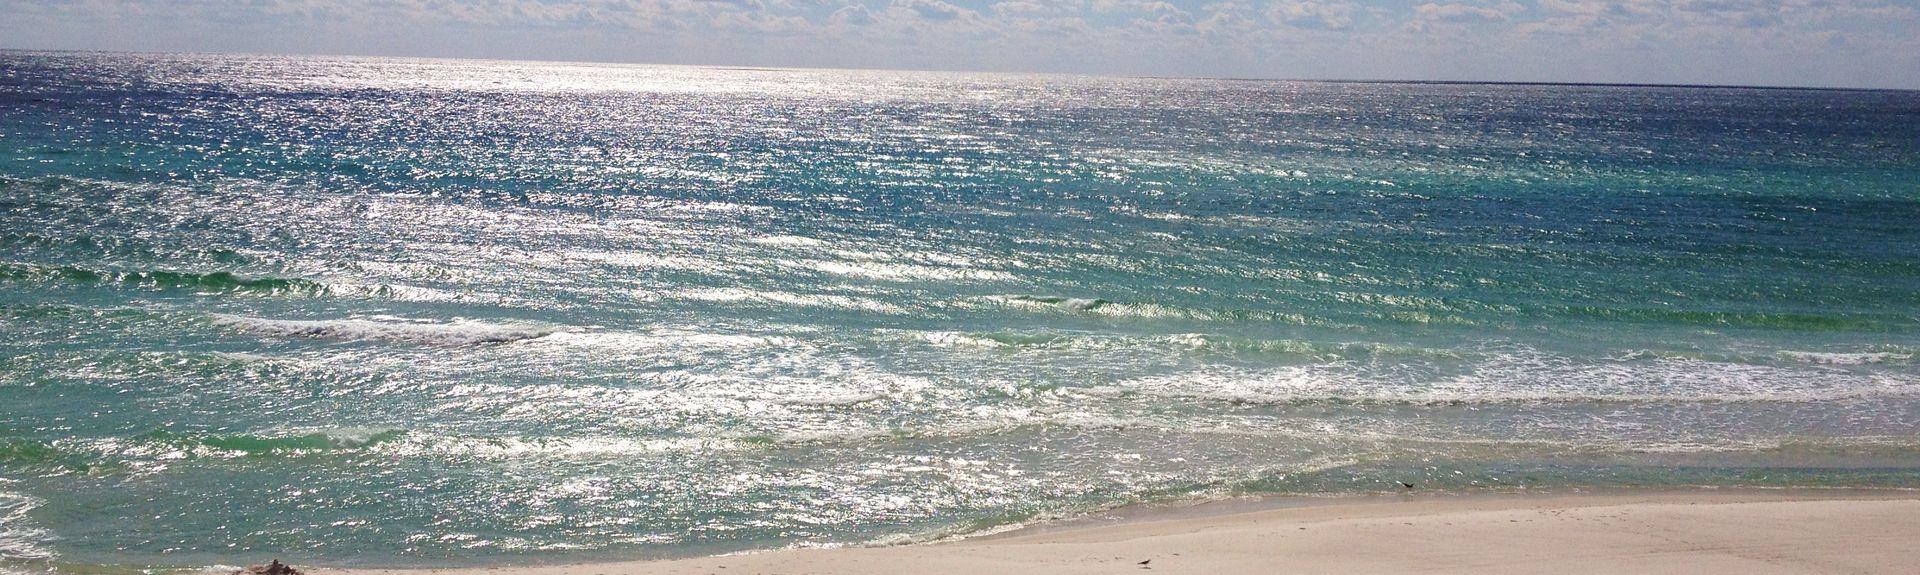 Carillon Beach Ph XX, Laguna Beach, FL, USA